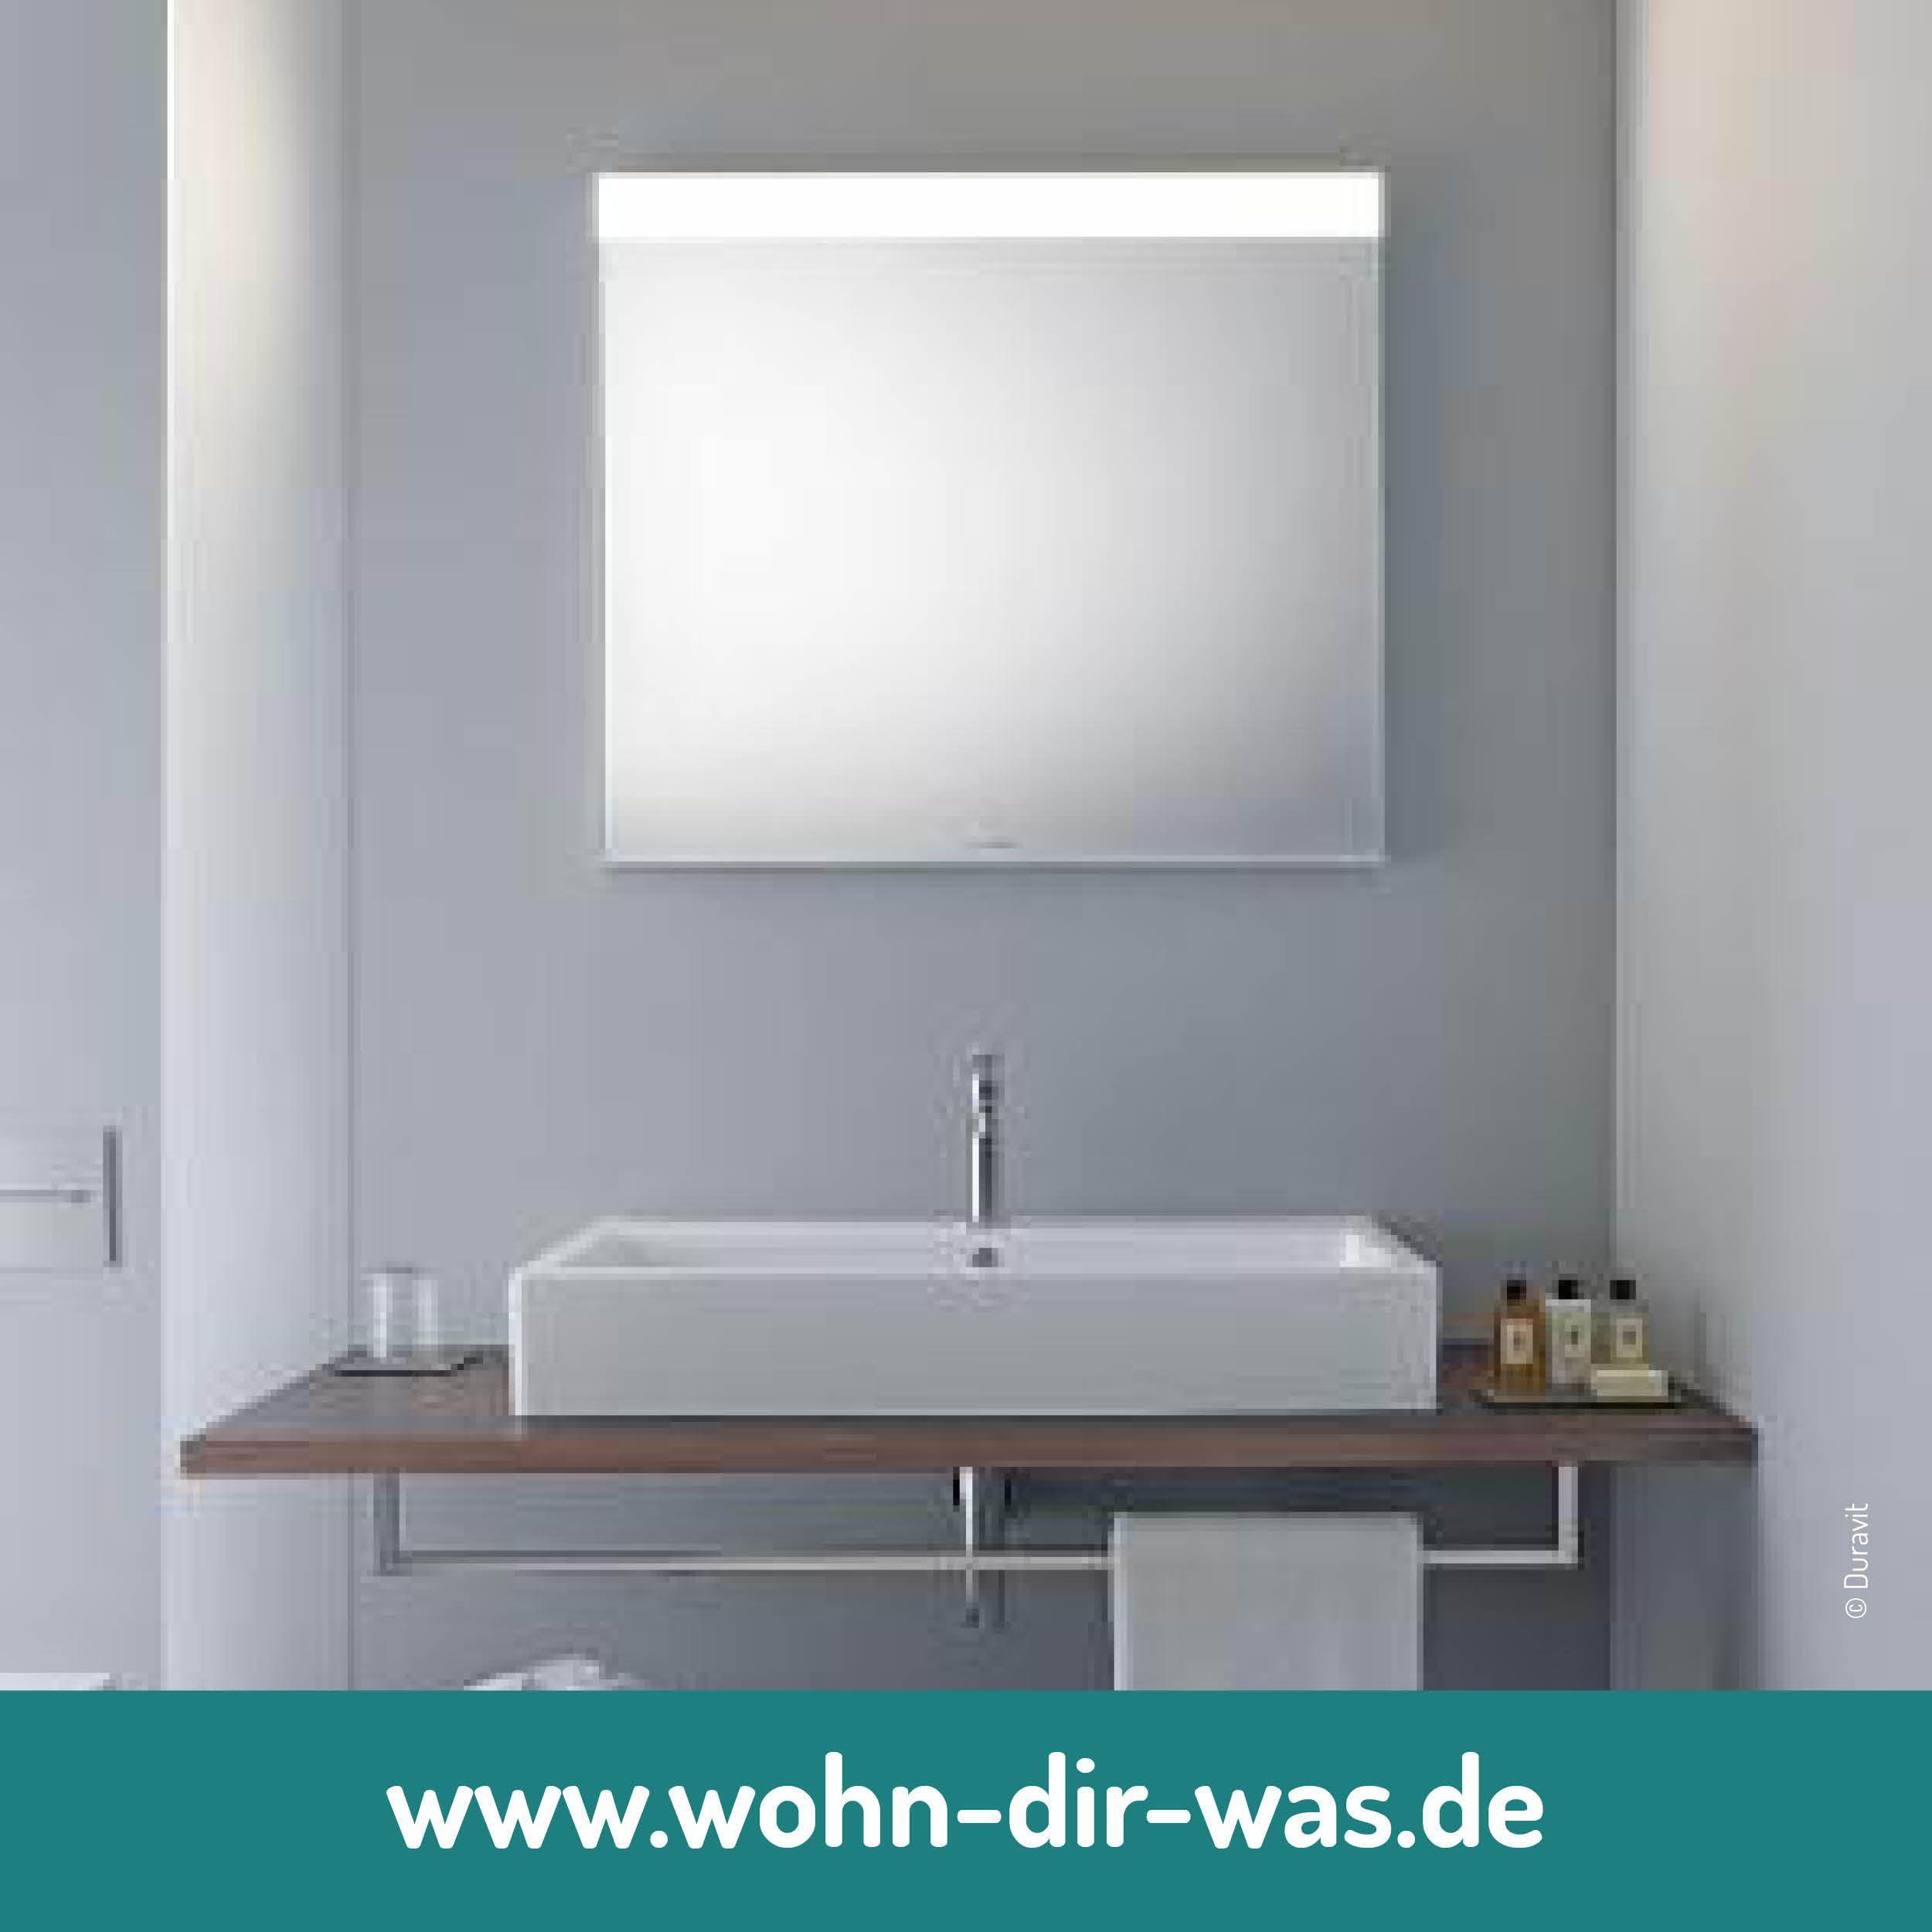 Der Spiegel Macht Dein Fensterloses Bad Zu Einem Wahren Augenschmaus Clevere Tipps Zur Badgestaltung Badezimmerspiegel Spiegel Mit Beleuchtung Stil Badezimmer